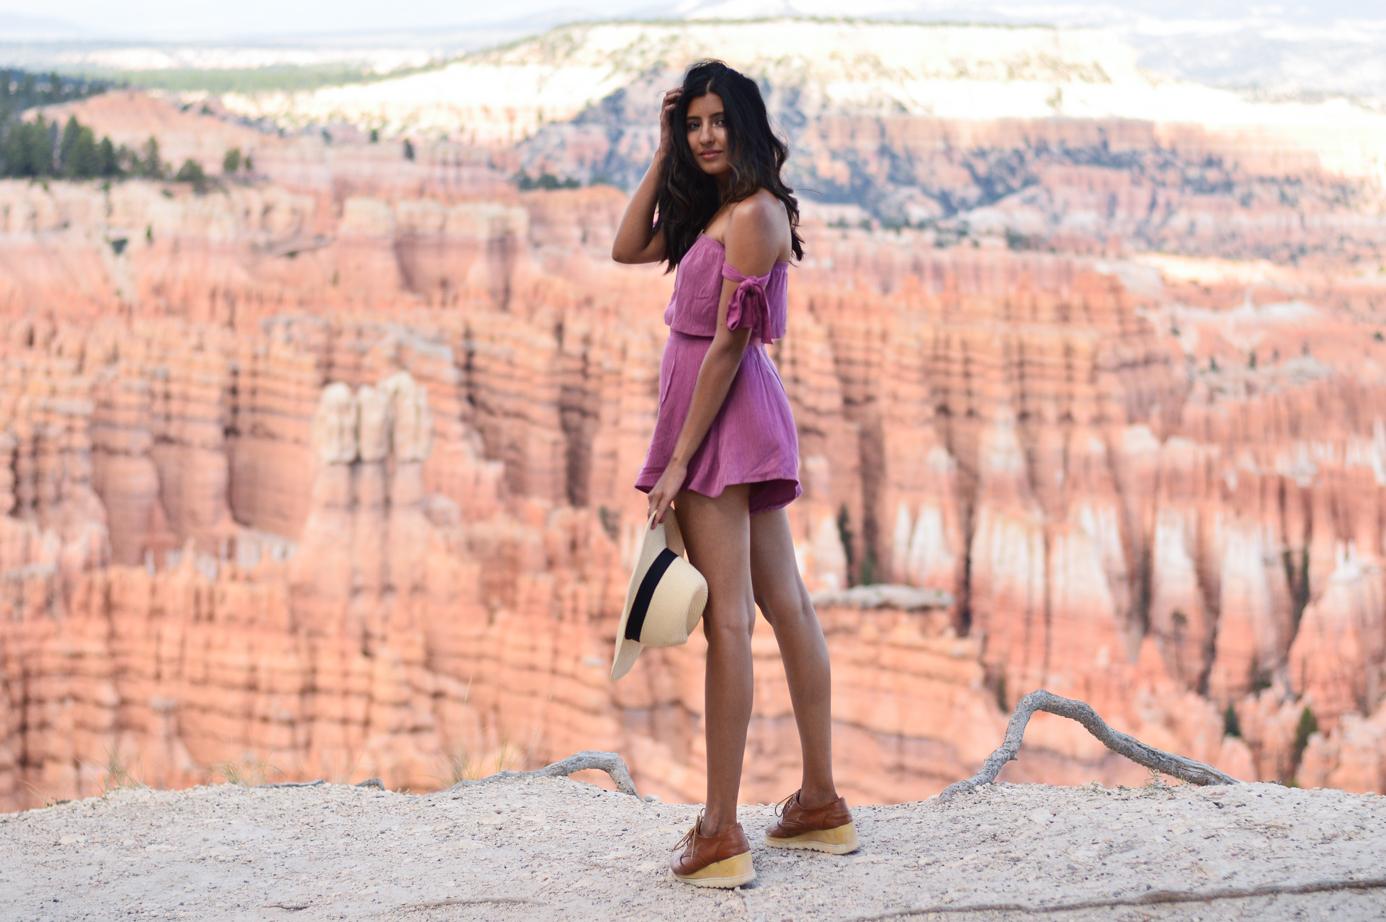 pink-crop-top-shorts-set-bryce-canyon-utah 14